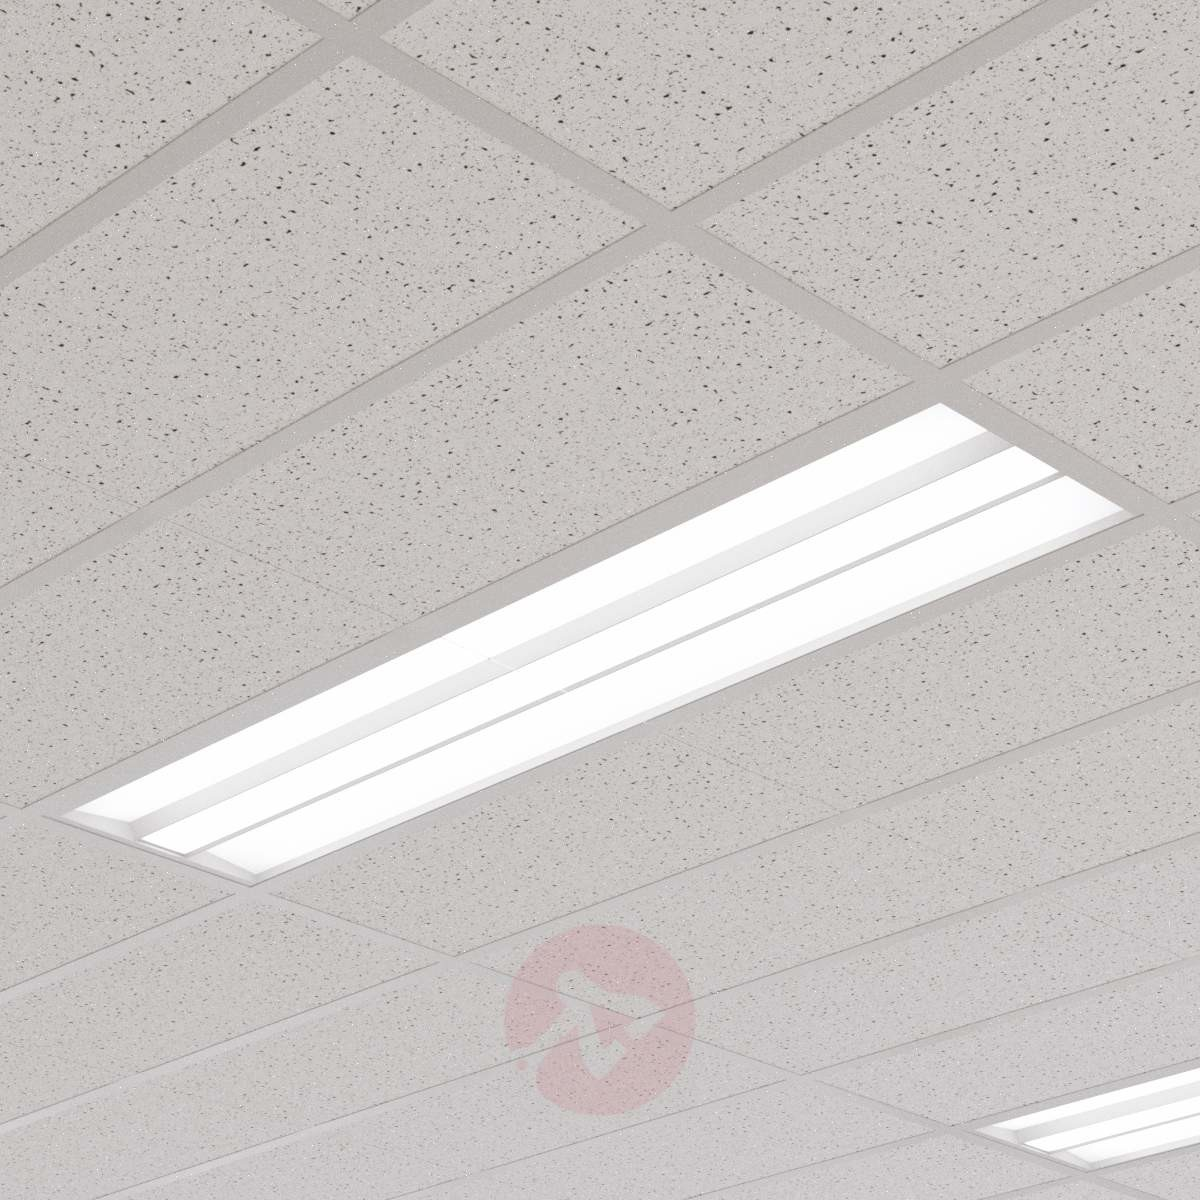 Lampenwelt com Panel LED Malo do sufitów rastrowych,30 cm x 120cm